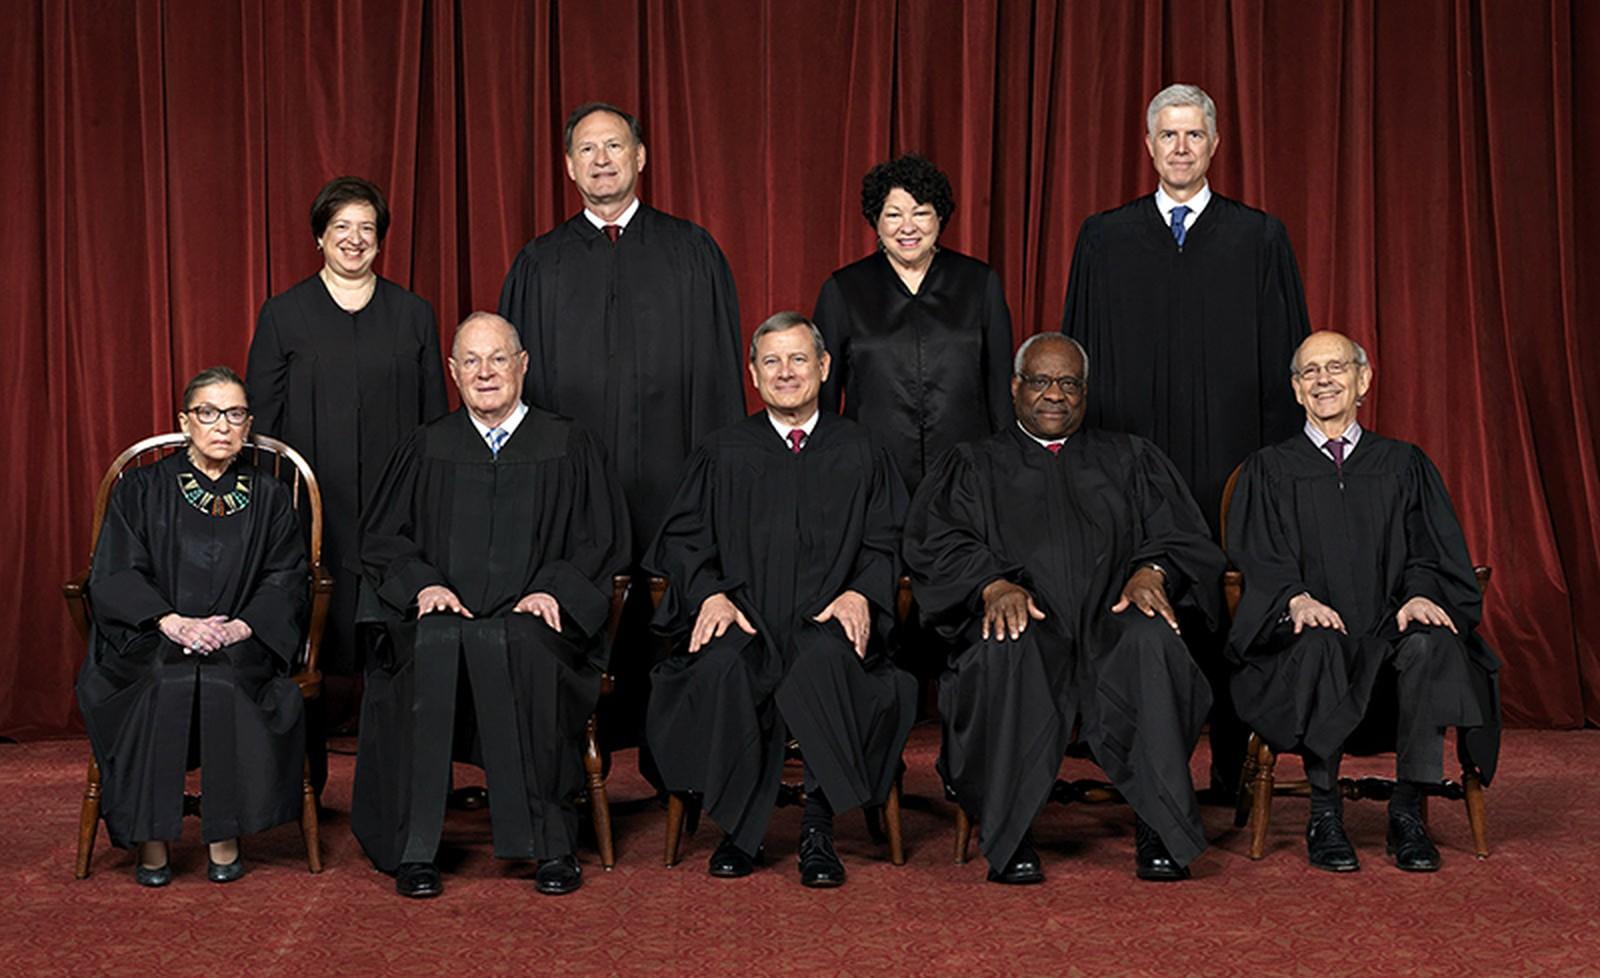 Primeira fila, da esquerda para a direita: Ruth Bader Ginsburg, Anthony Kennedy, John Roberts., Clarence Thomas e Stephen Breyer. Na fila de trás: Elena Kagan, Samuel Alito, Sonia Sotomayor e Neil Gorsuch (Foto: Suprema Corte dos EUA)